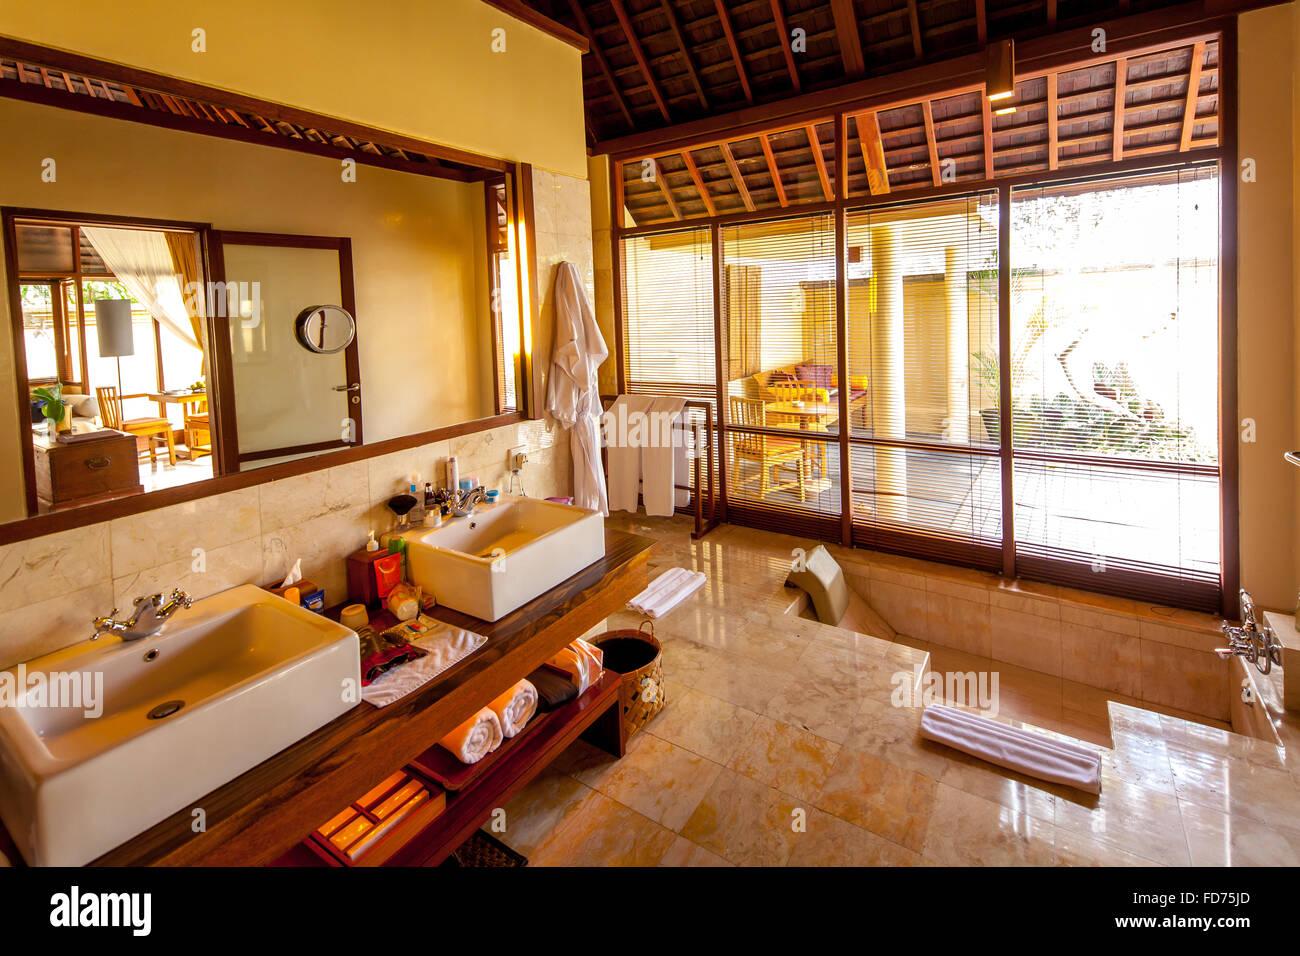 Bagno in un buon hotel, turismo, Ubud, Bali, Indonesia, Asia Immagini Stock